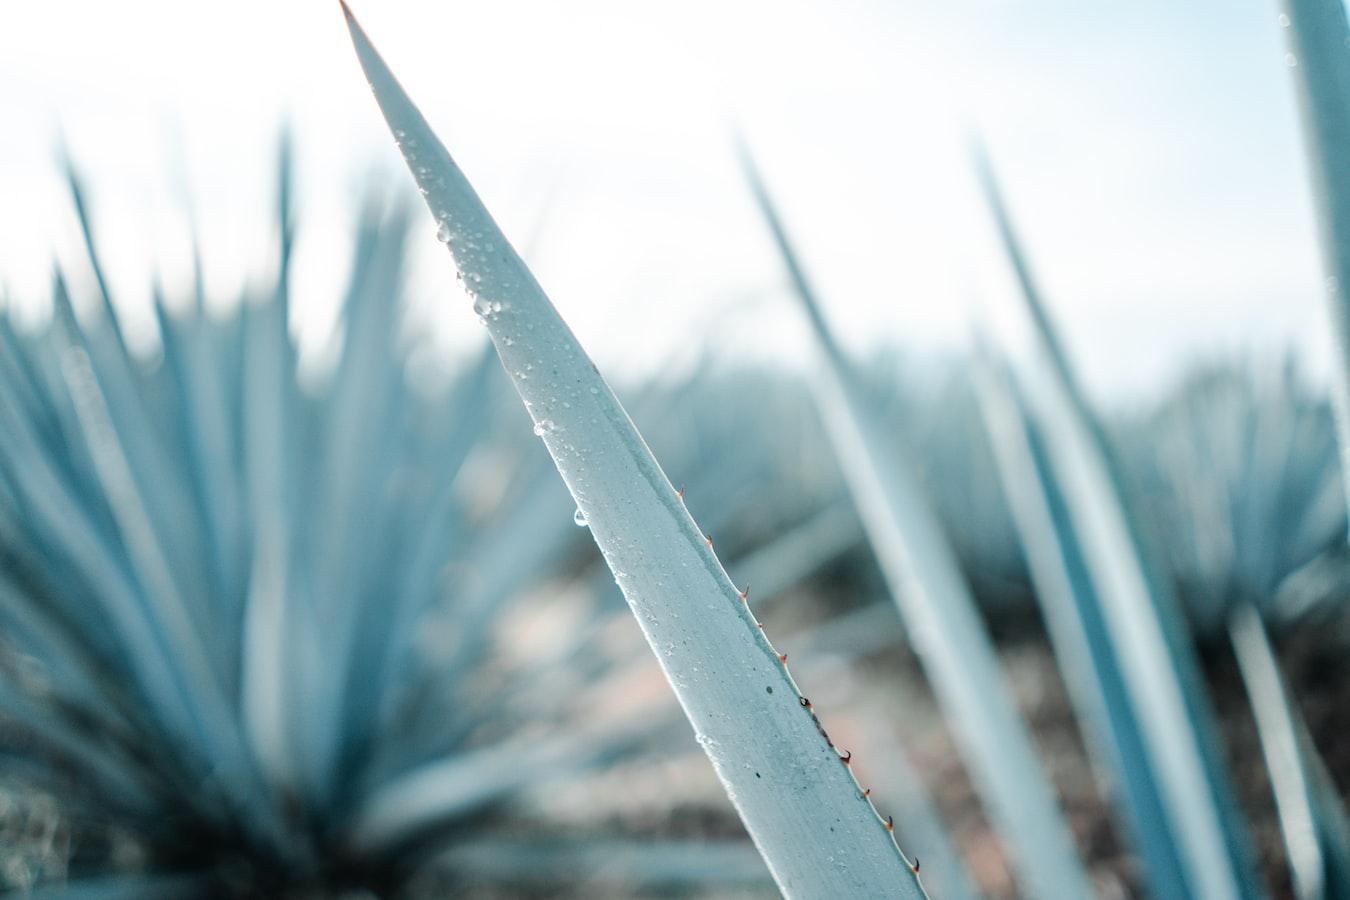 meksyk półwysep jukatan tequila plantacje agawy